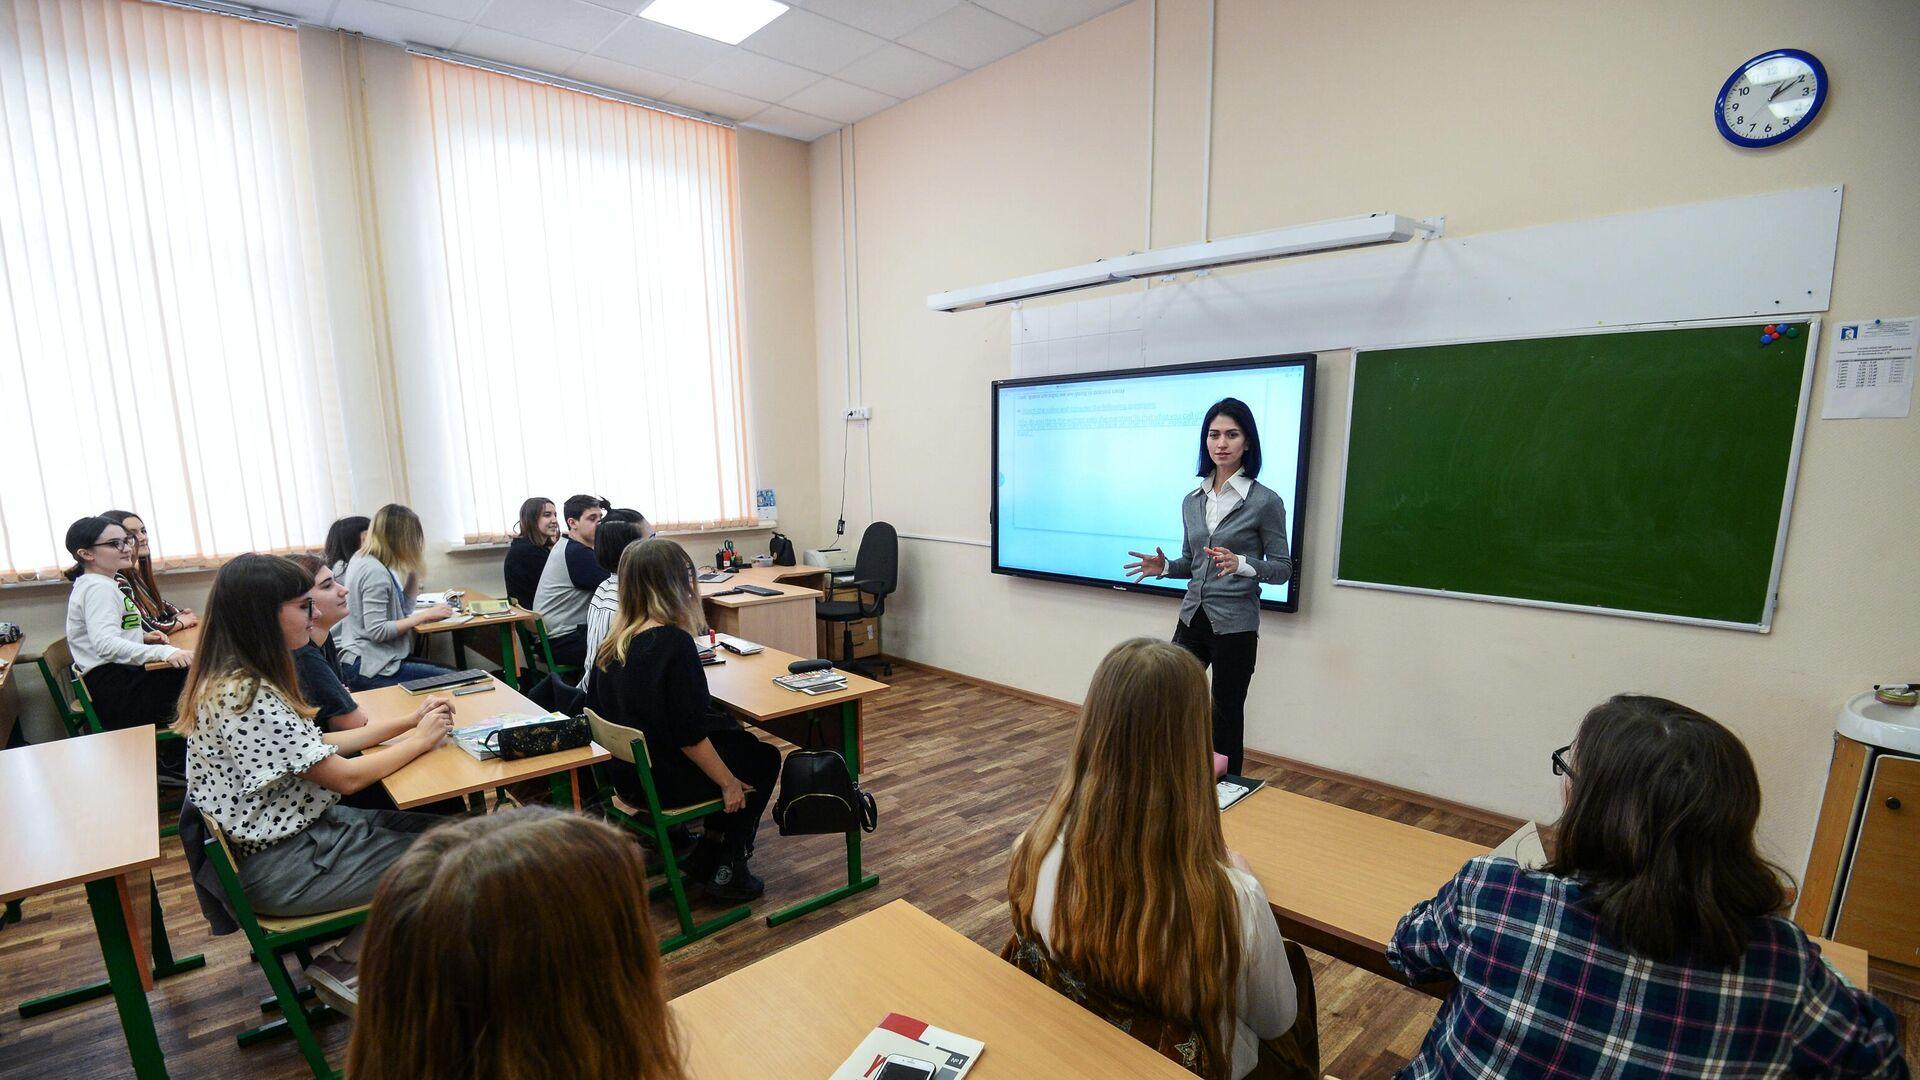 Урок в школе - РИА Новости, 1920, 23.09.2020